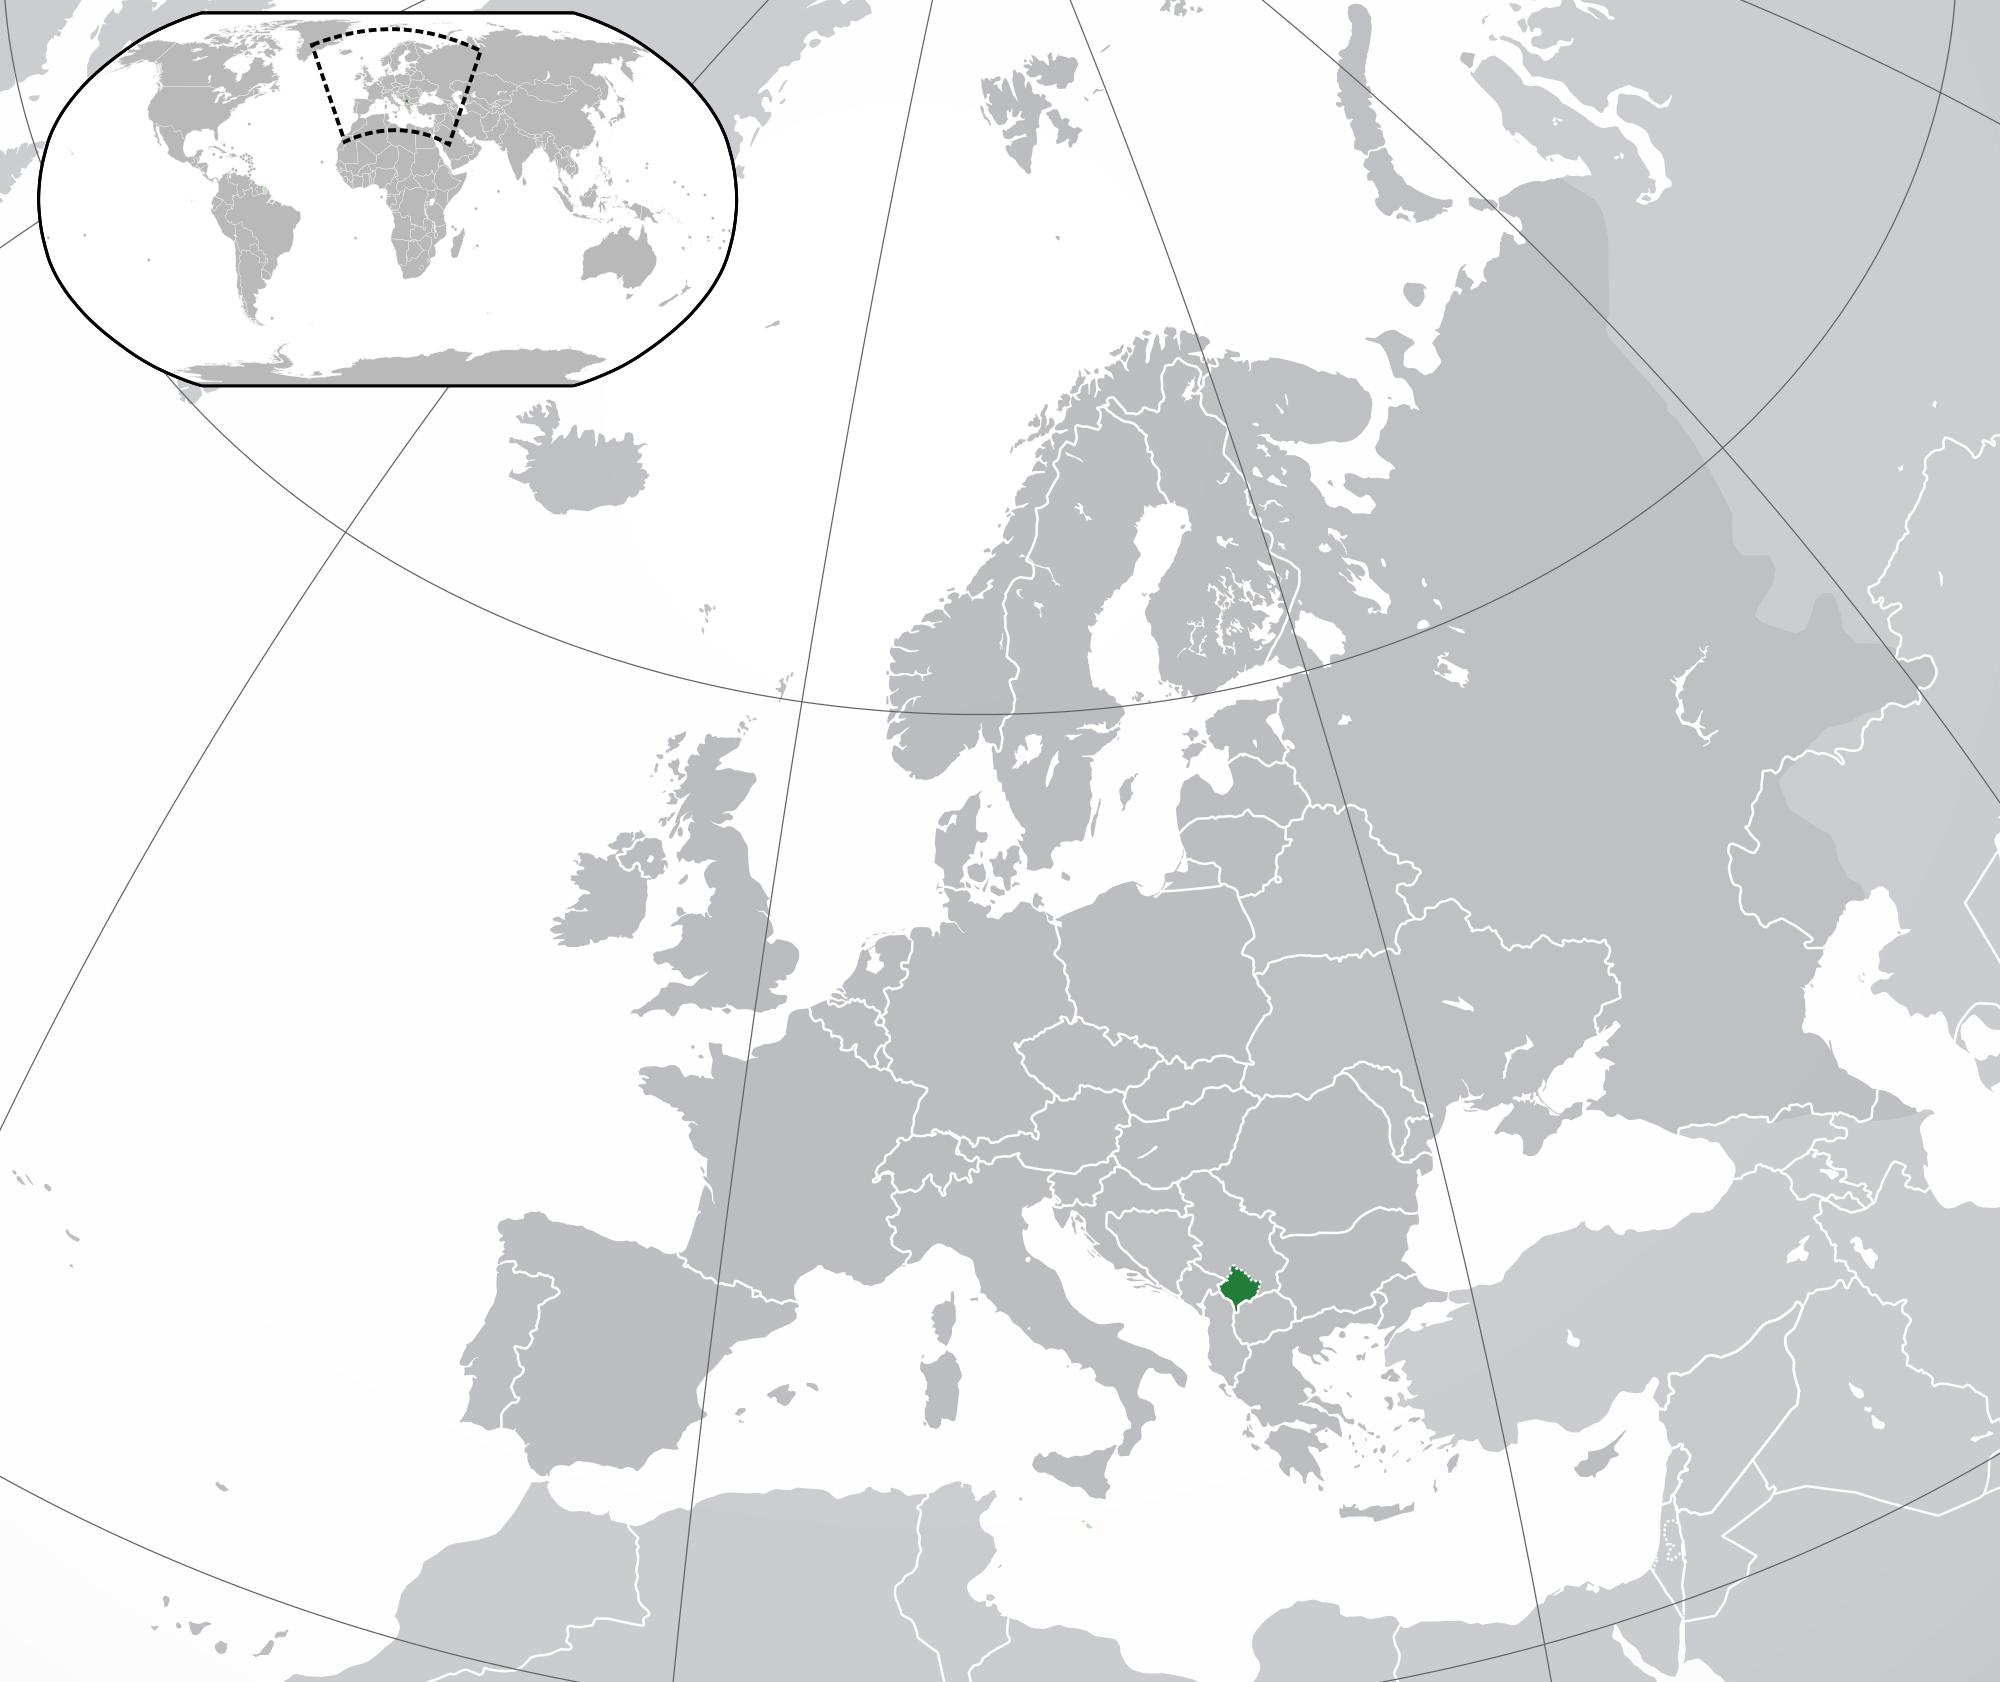 Large location map of Kosovo   Kosovo   Europe   Mapsland   Maps of on lesotho world map, lebanon world map, san marino world map, russia world map, luxembourg world map, monaco world map, israel world map, libya world map, cyprus world map, suriname world map, laos world map, darfur world map, netherlands world map, malta world map, abkhazia world map, republic of macedonia world map, slovakia world map, liechtenstein world map, sierra leone world map, liberia world map,